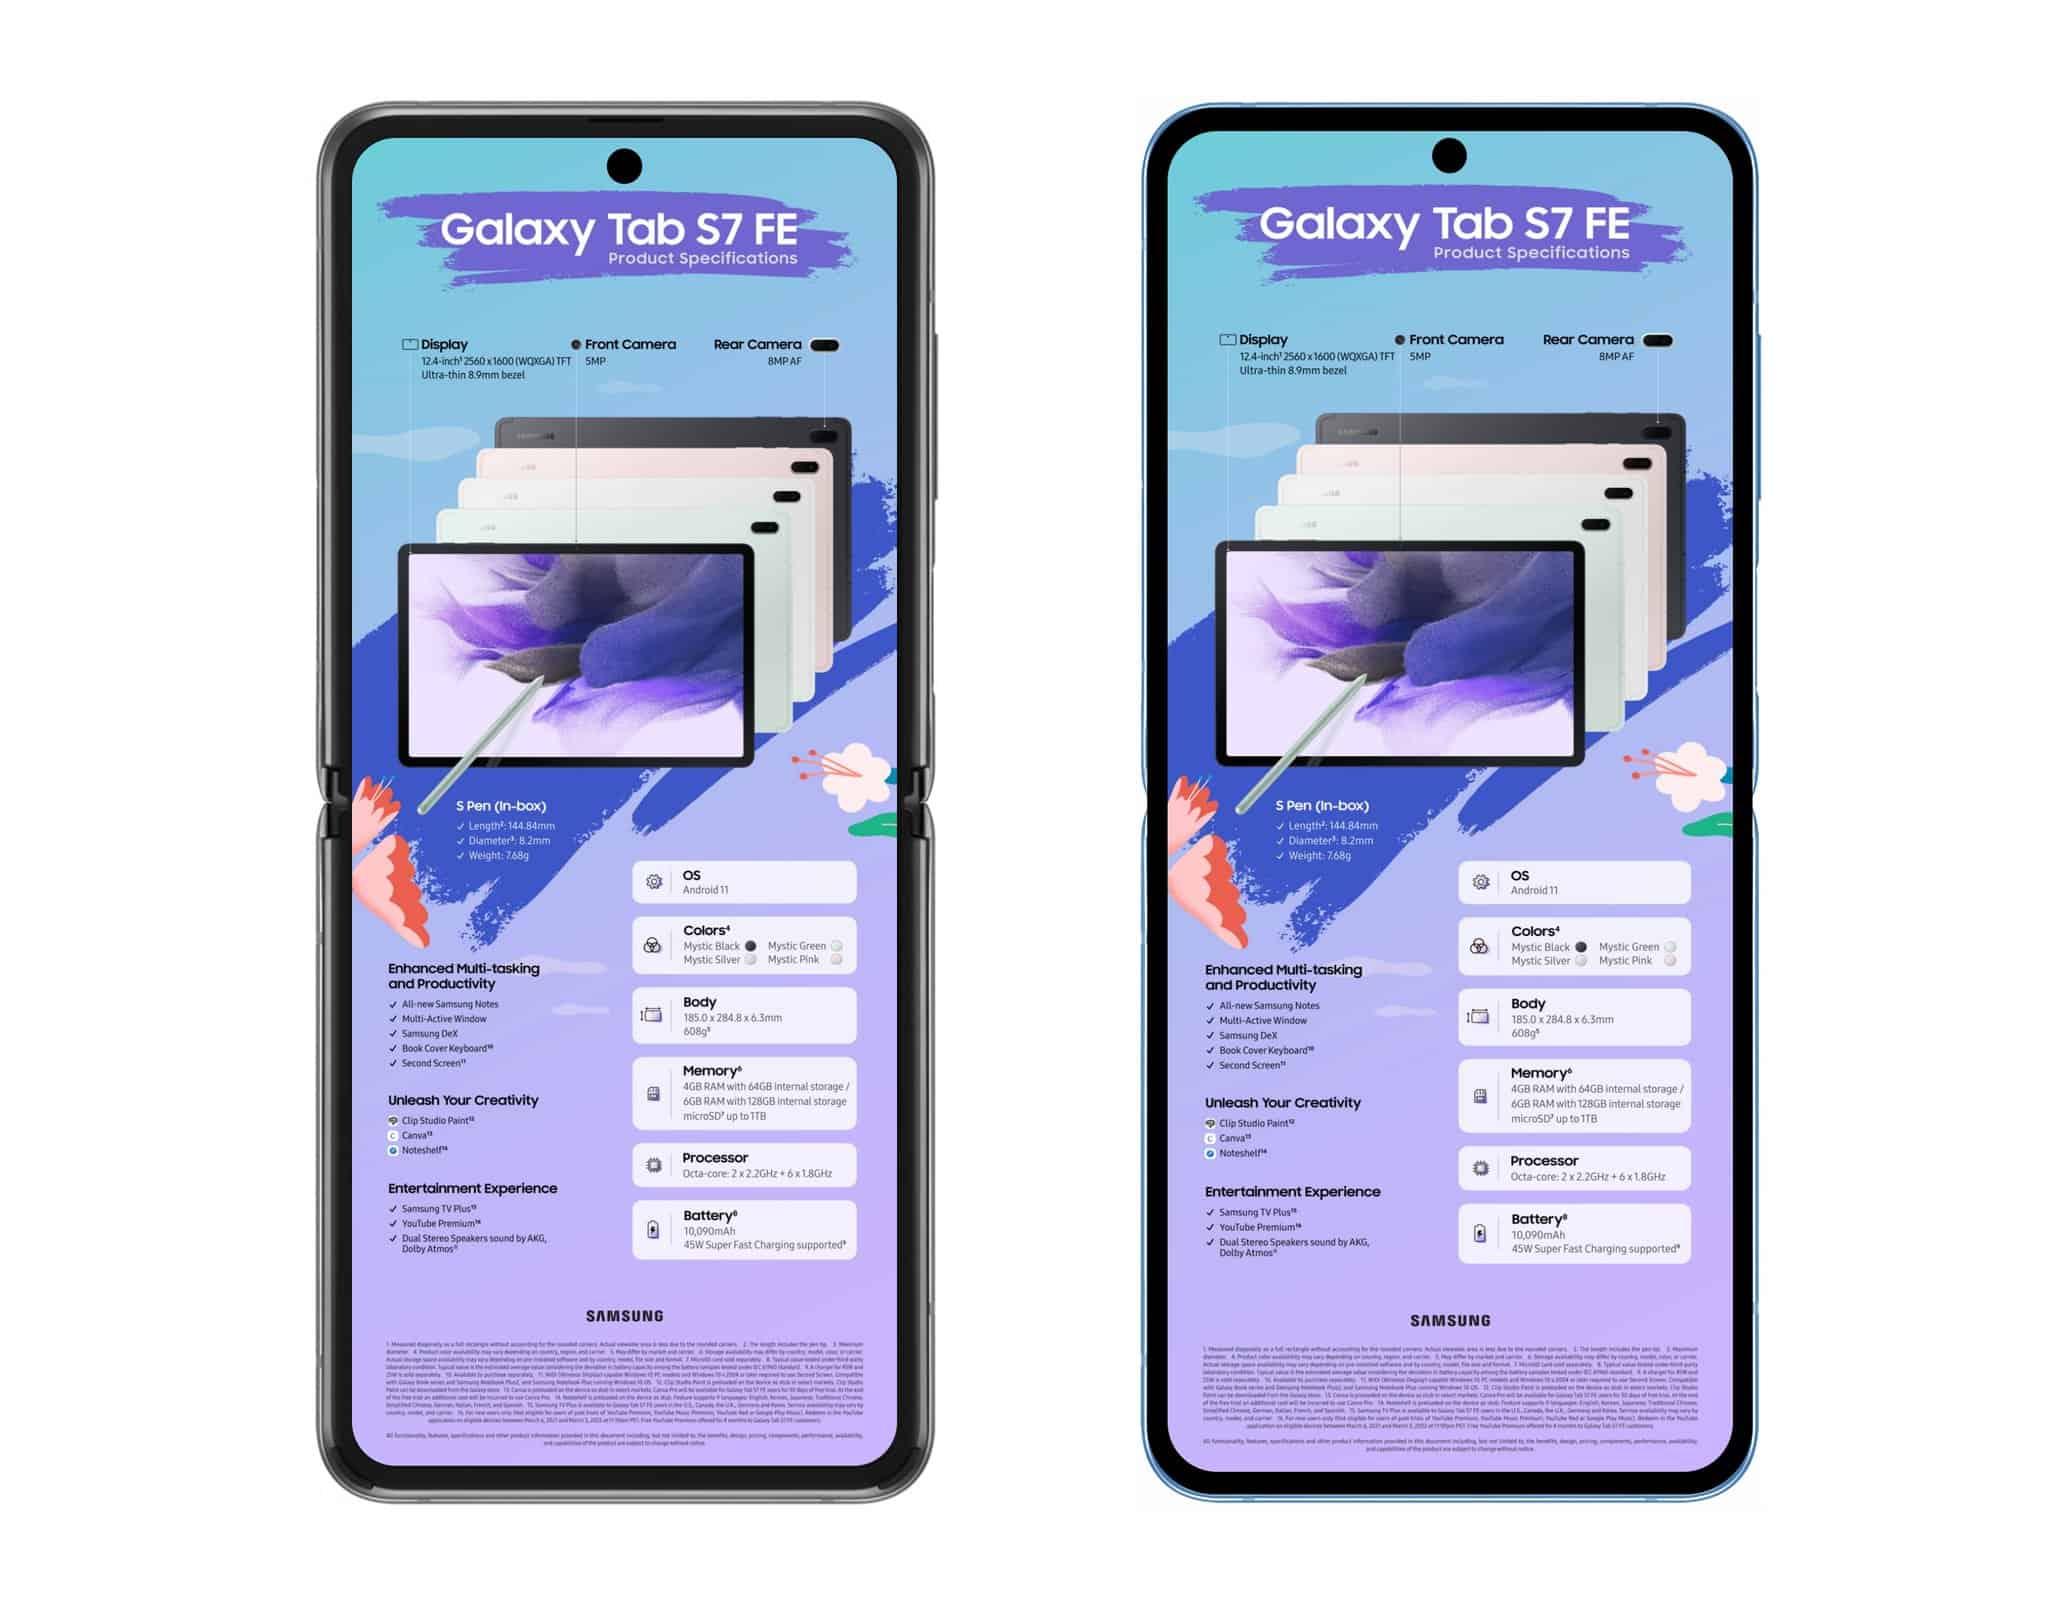 Galaxy Z Flip vs Galaxy Z Flip 3 based on leaks 1